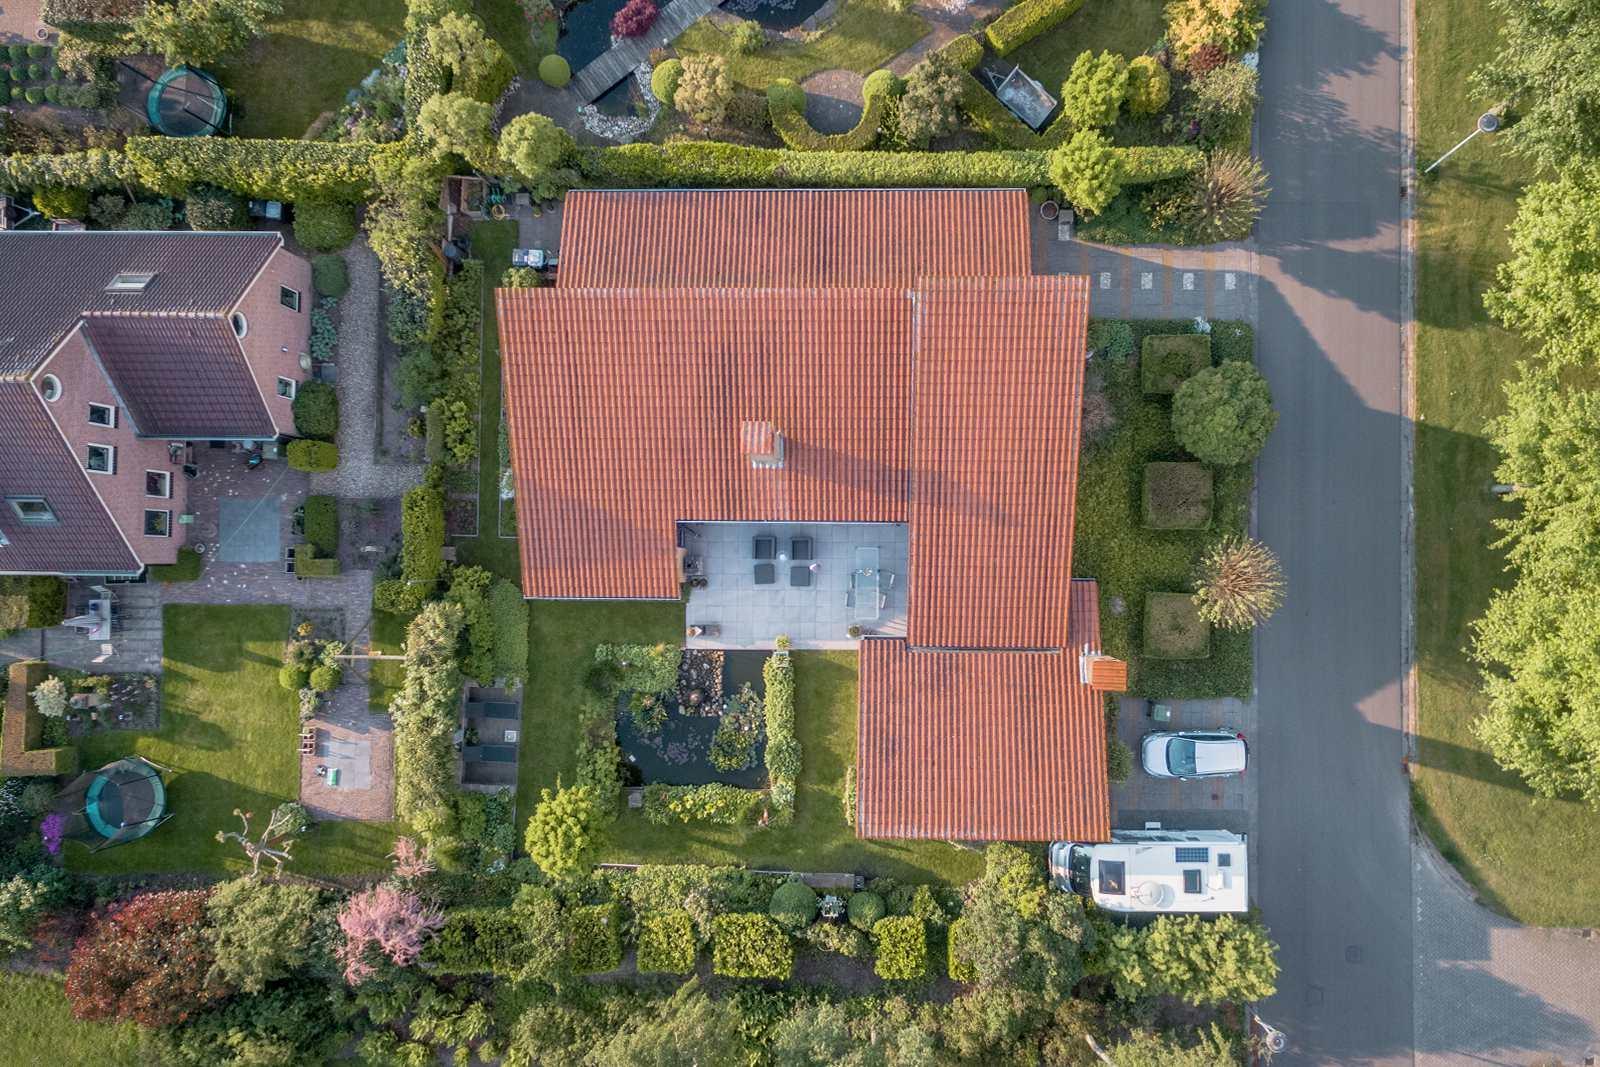 makelaar drone huizen drenthe